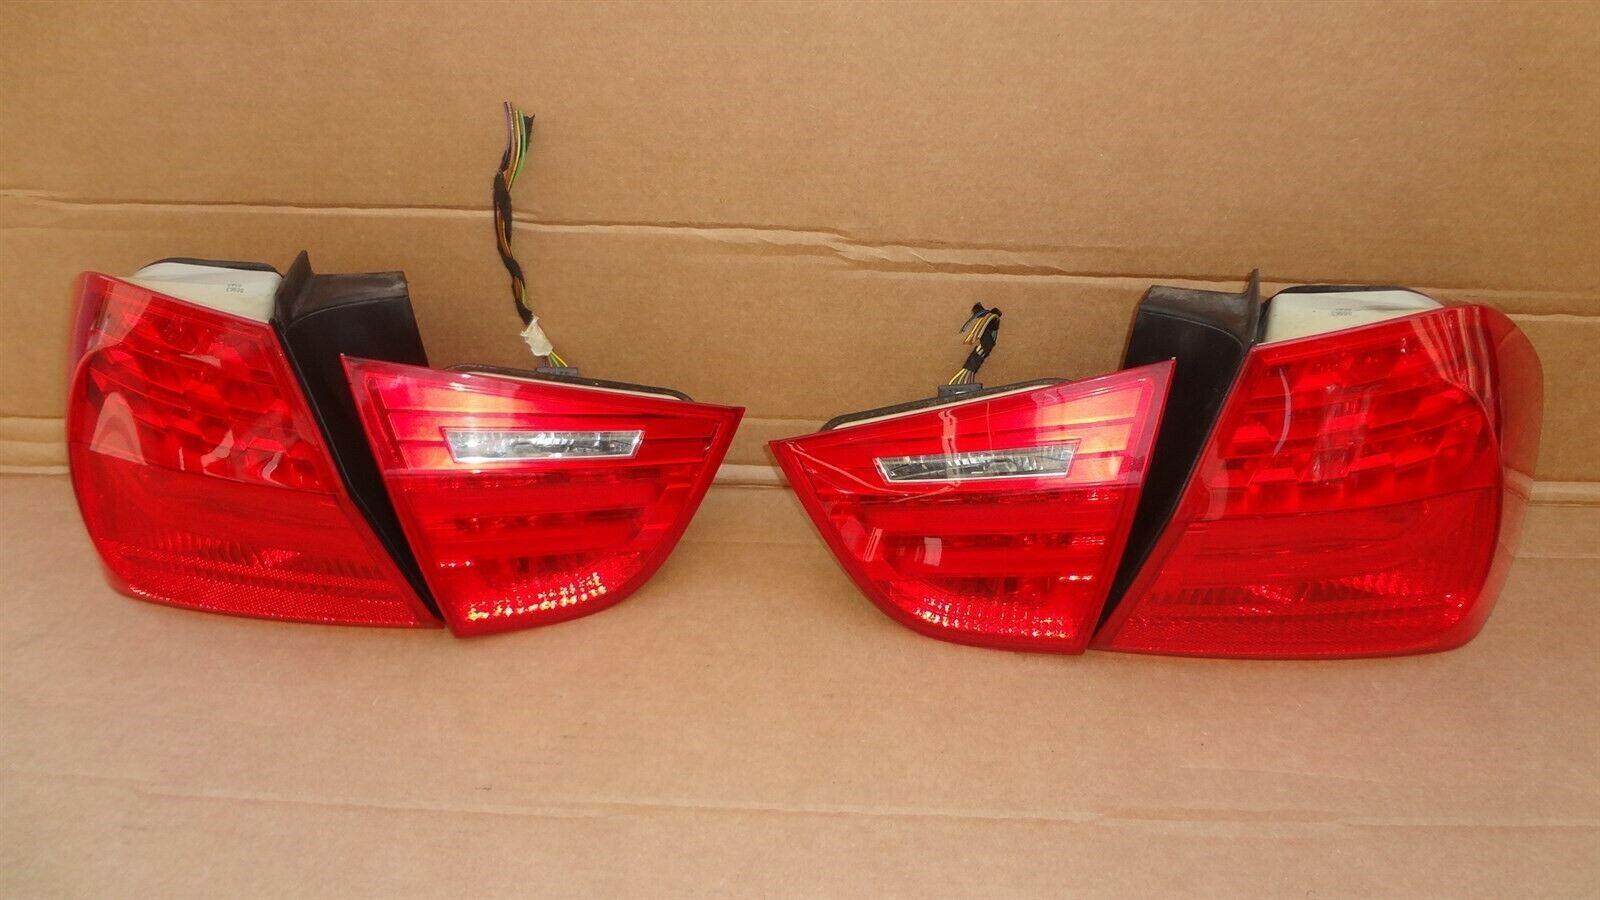 09-11 BMW E90 4dr Sedan Taillight lamps Set LED 328i 335i 335d 328 335 320i